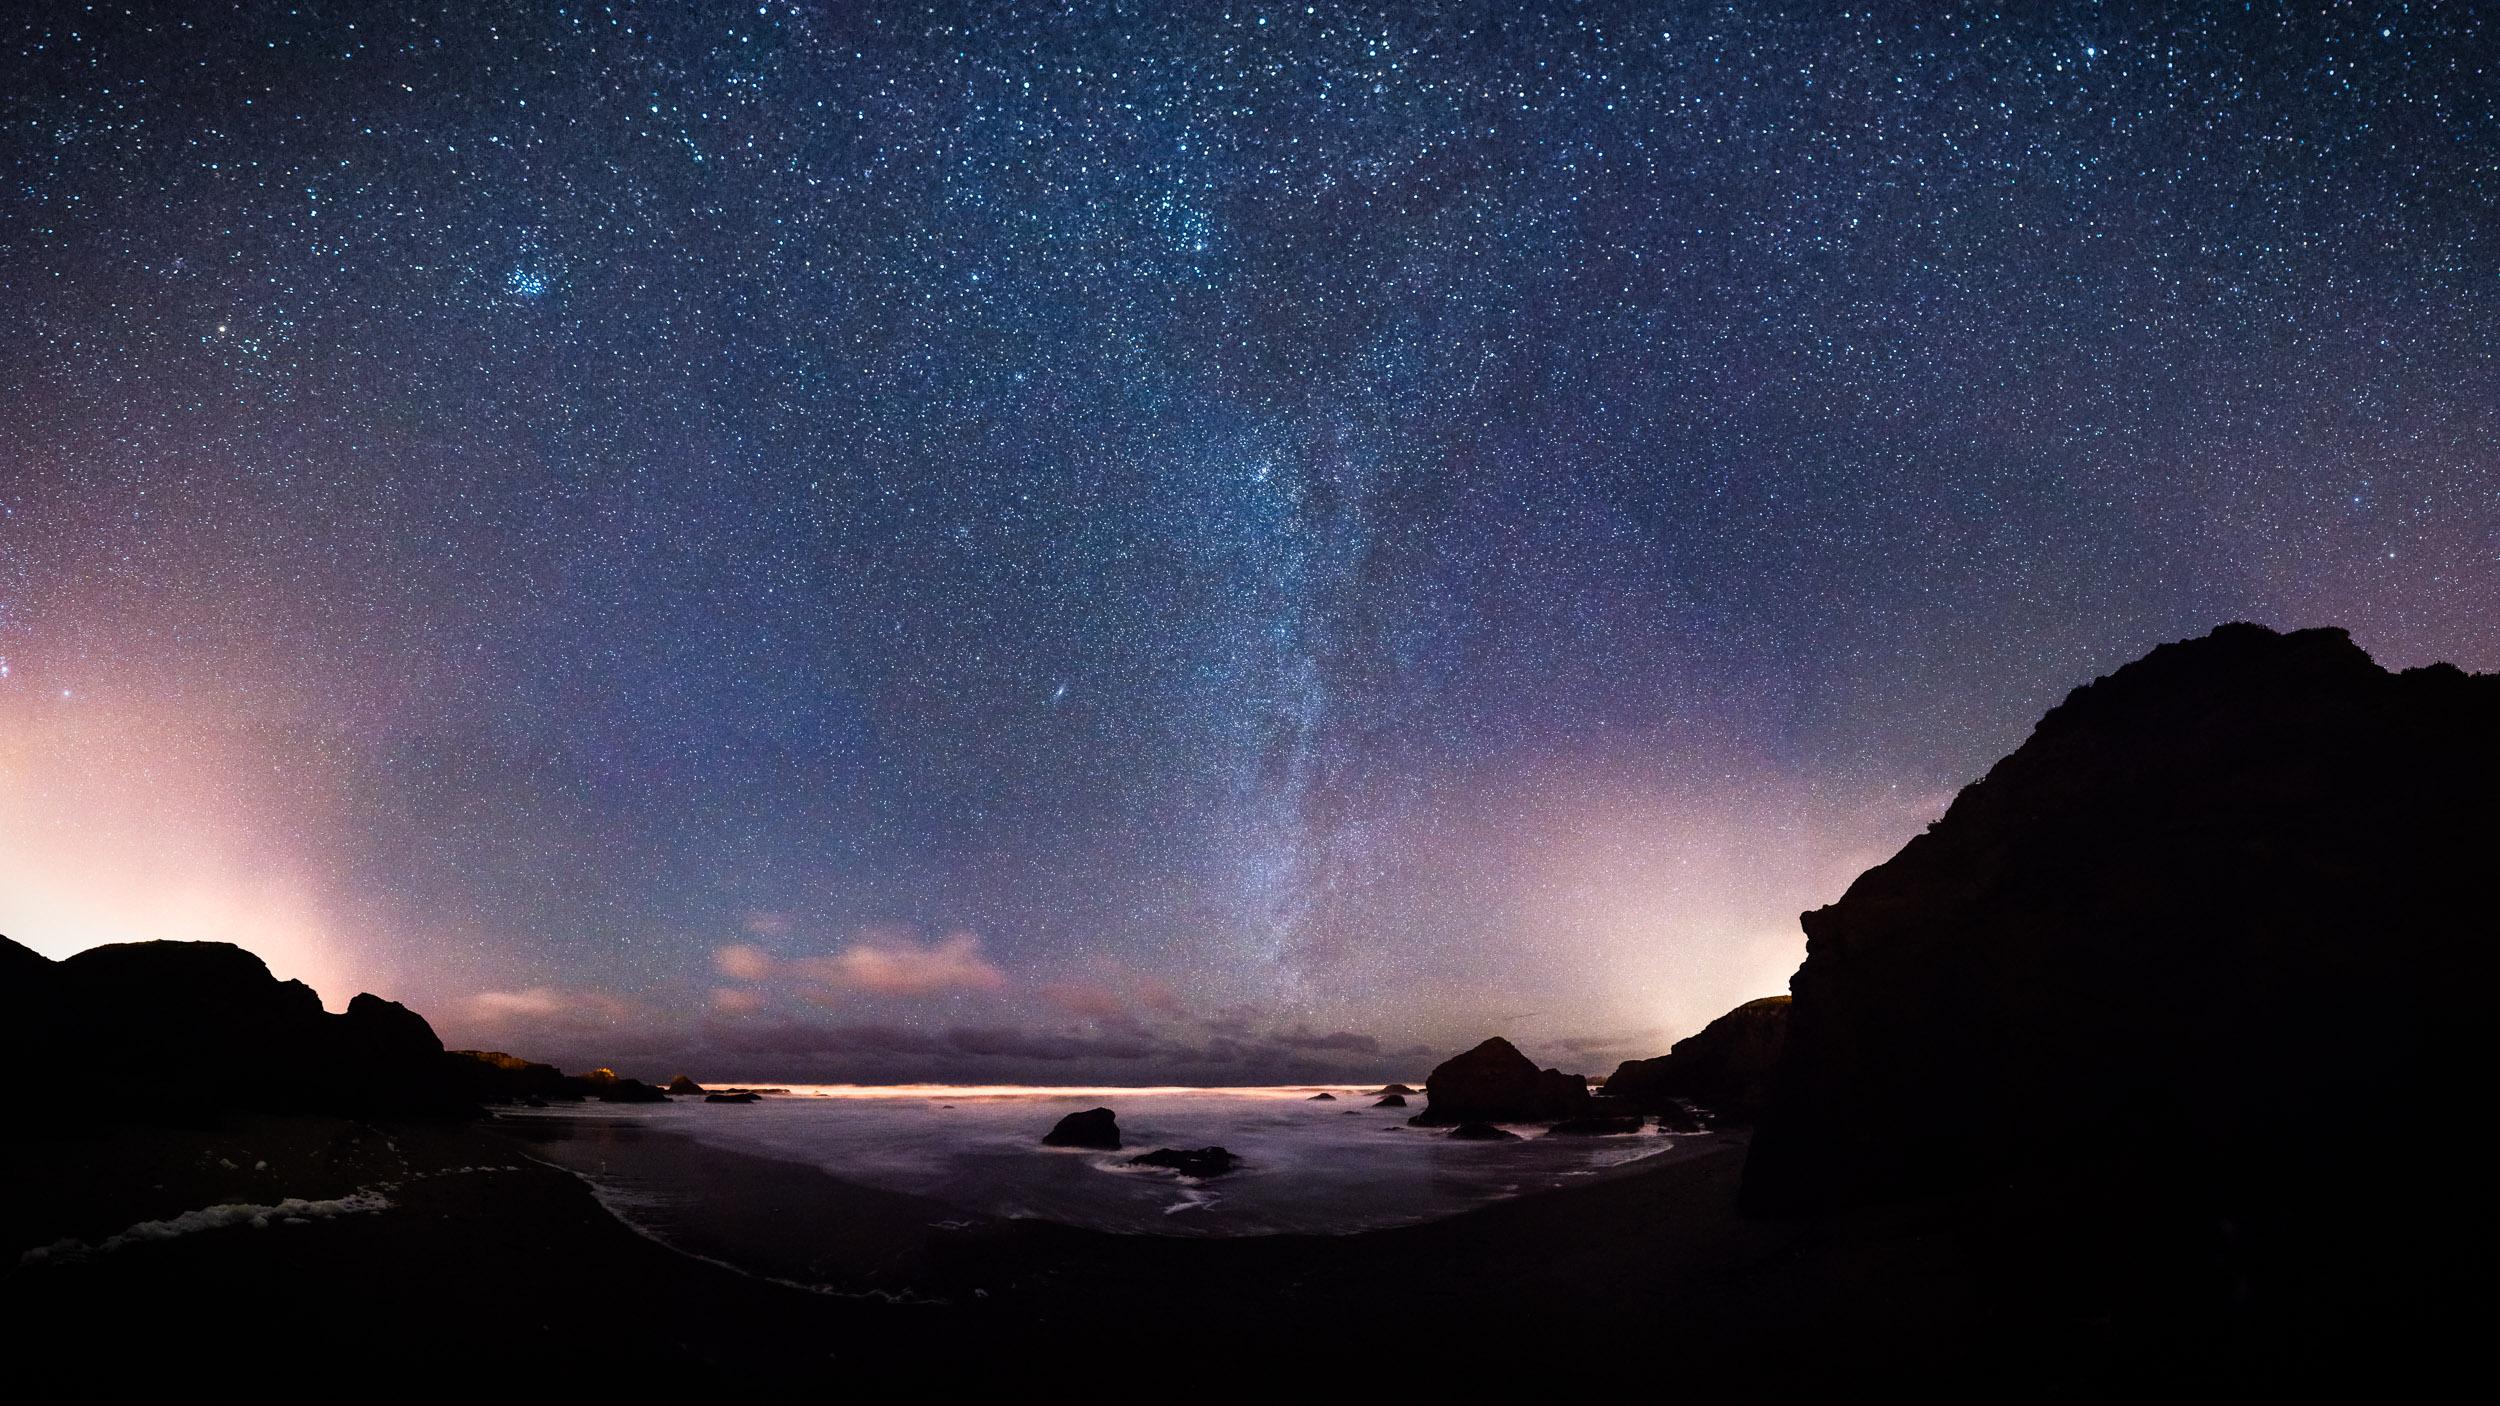 Starlit Cove